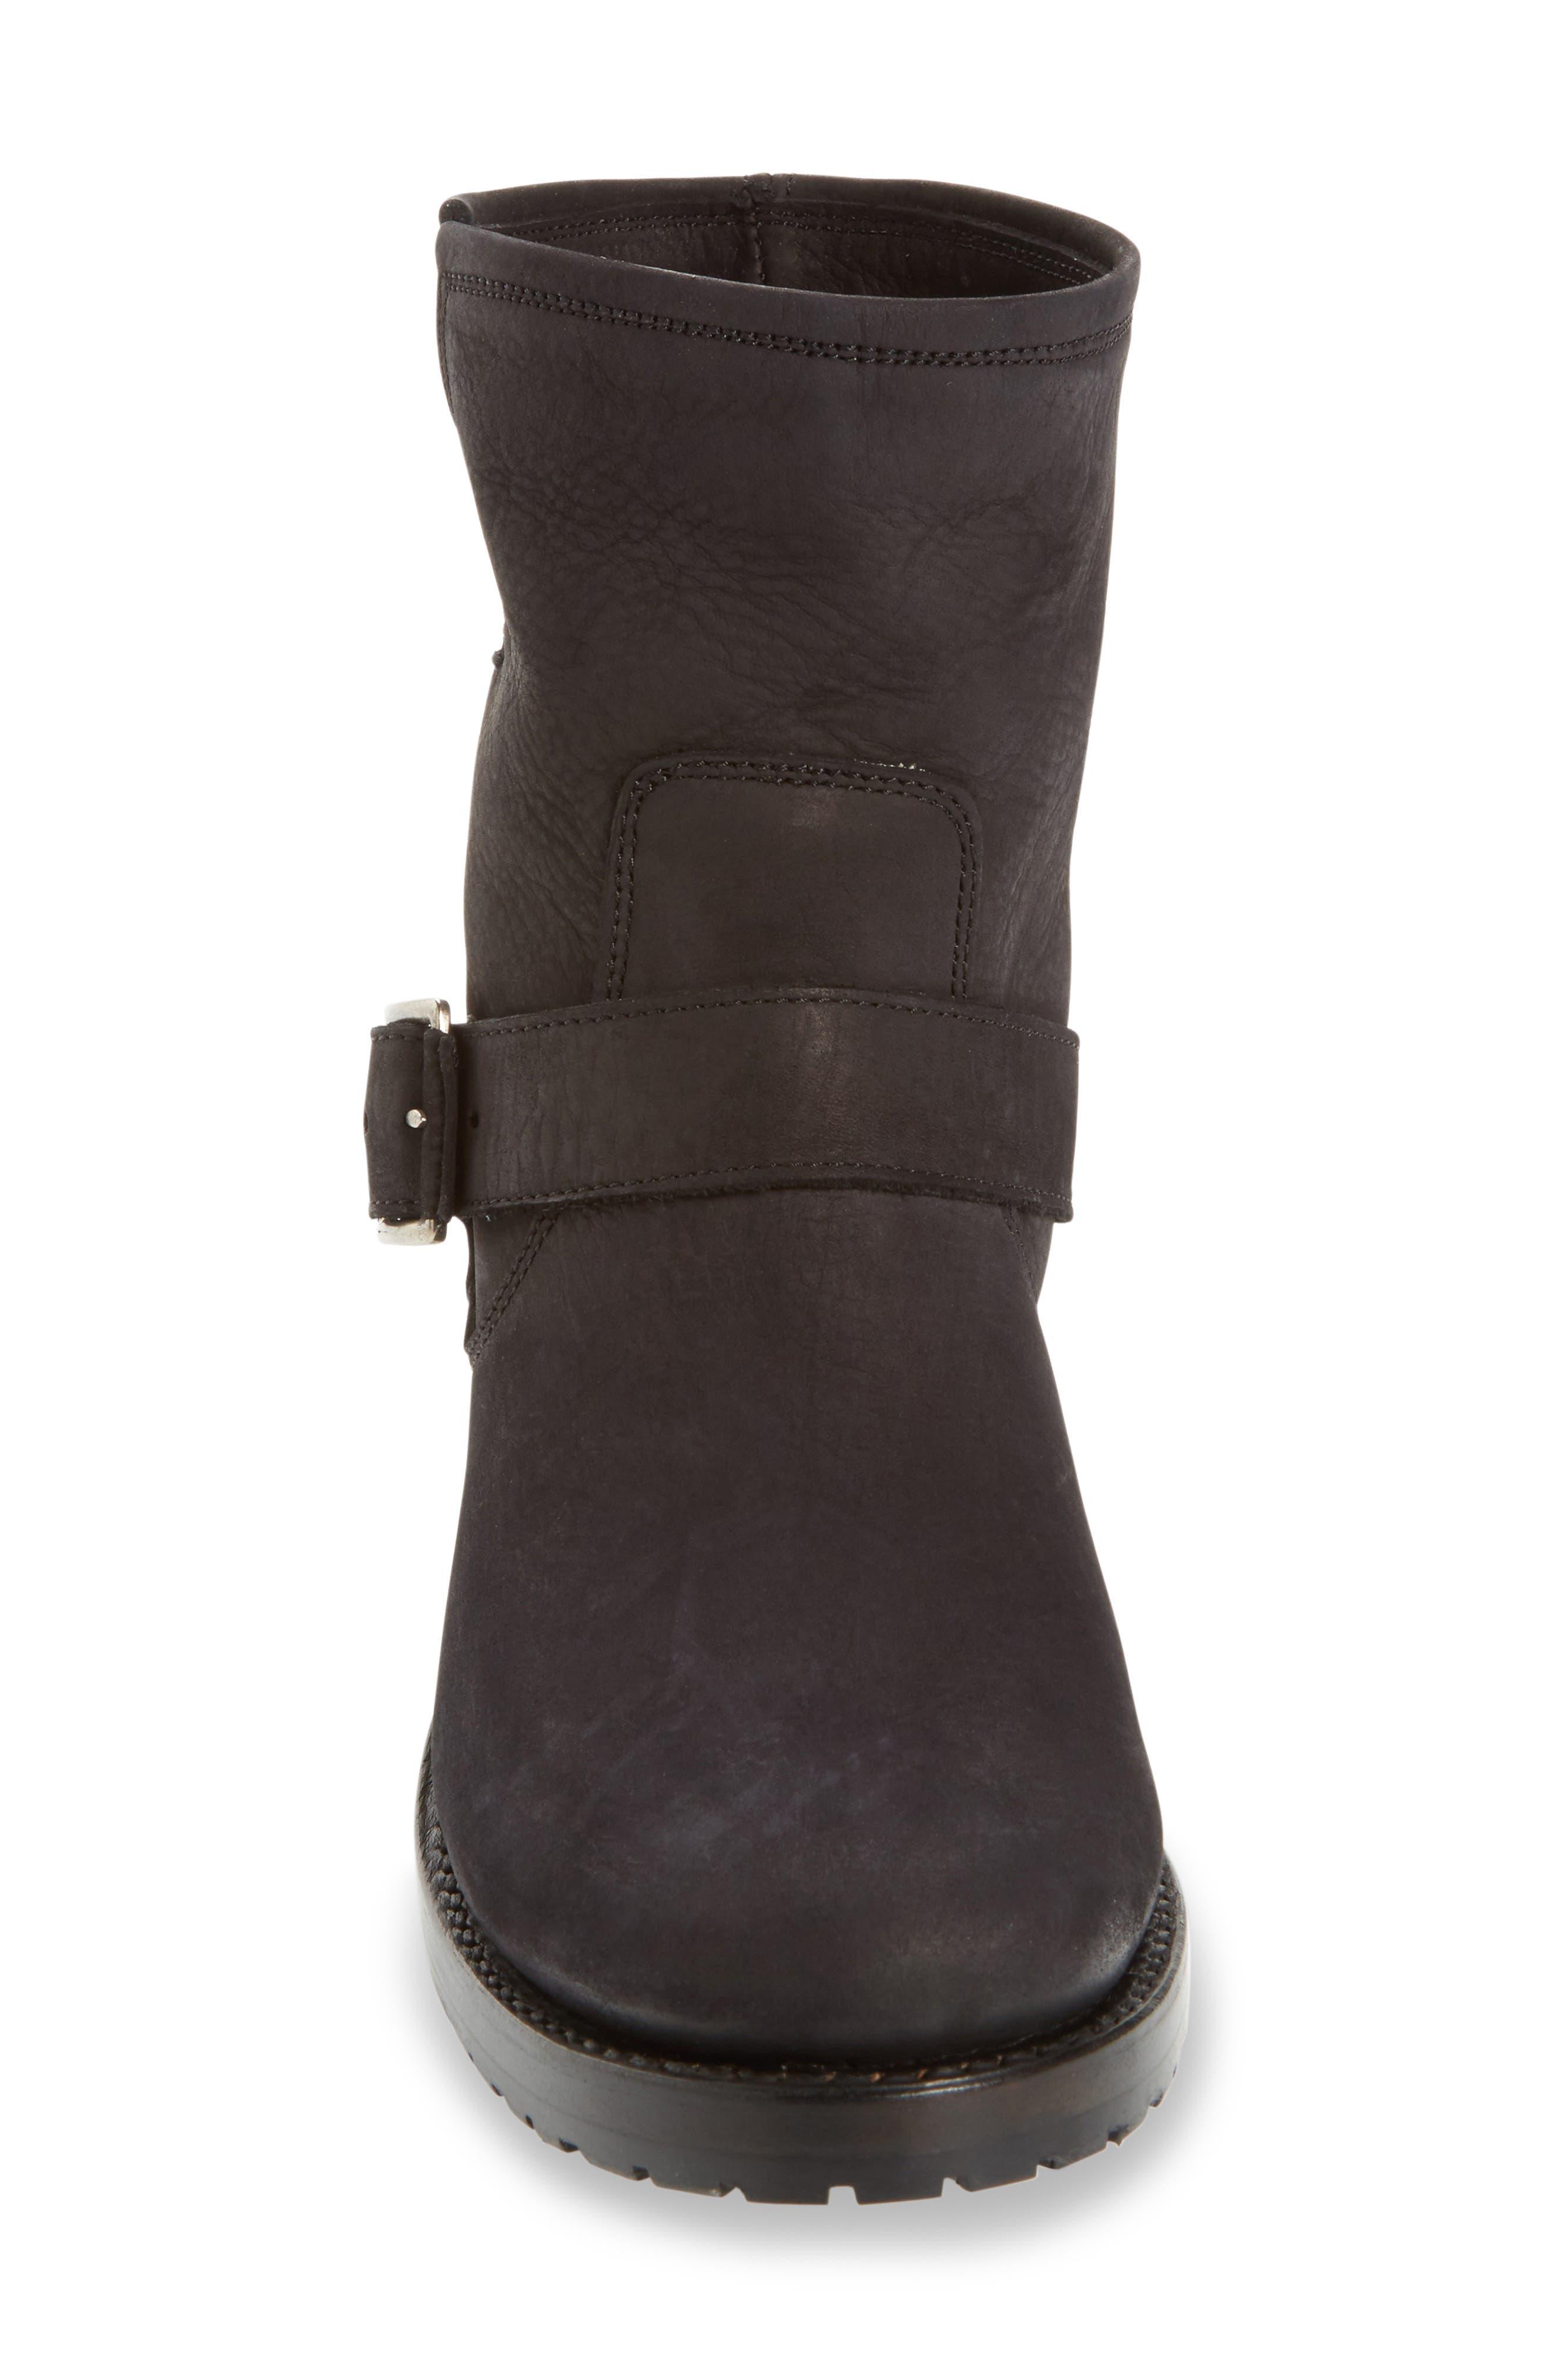 Alternate Image 3  - Frye 'Natalie' Engineer Boot (Women)